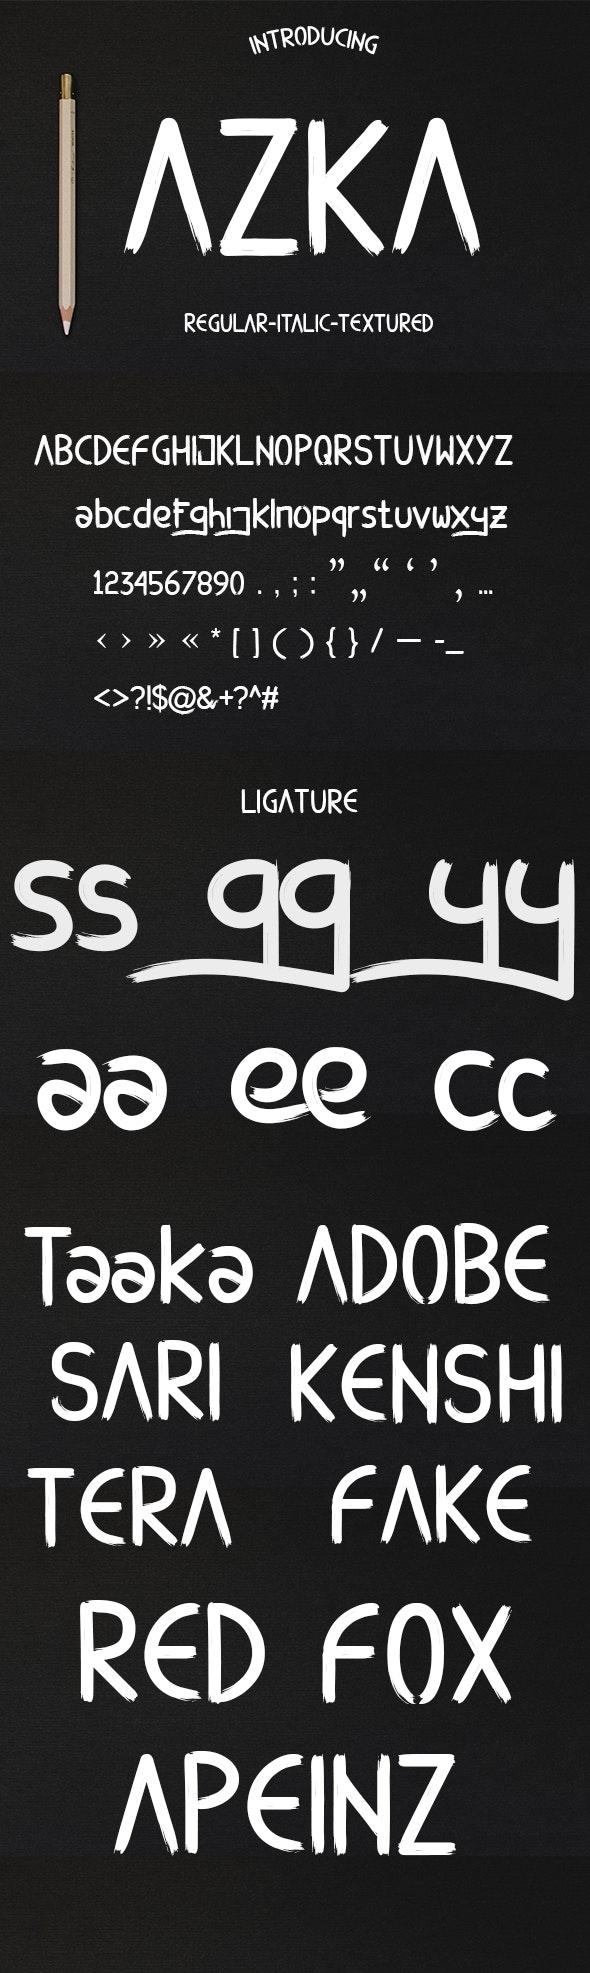 AZKA - Cool Fonts